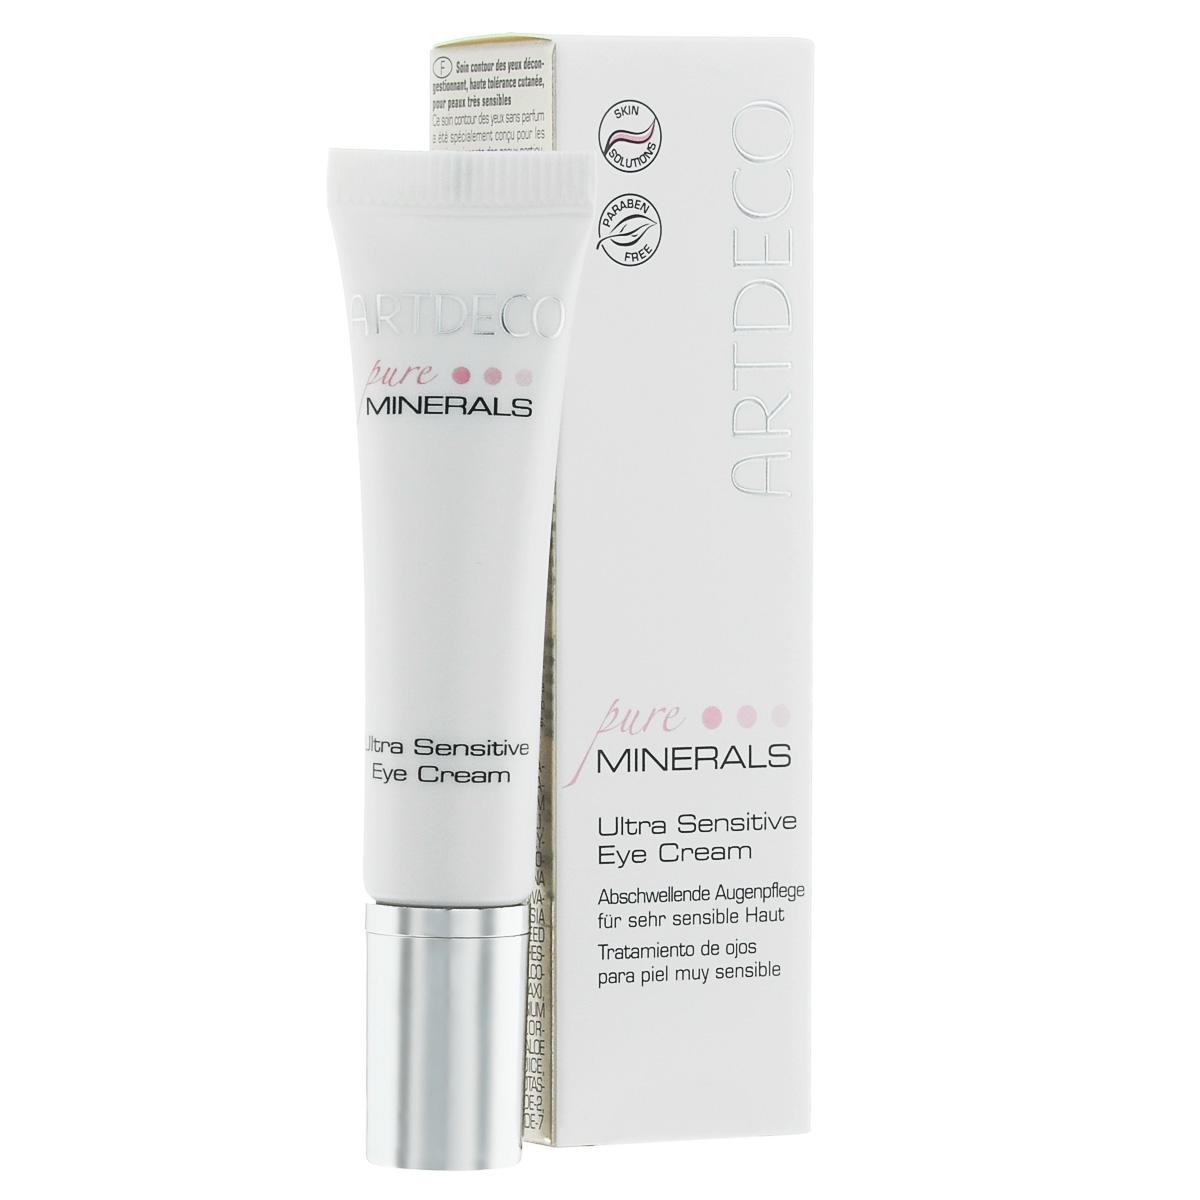 ARTDECO Крем вокруг глаз для очень чувствительной кожи Pure Minerals Ultra Sensitive Eye Cream, 15 мл67407Противоотечный крем для ухода за кожей вокруг глаз без парфюмированных отдушек специально разработан для удовлетворения потребностей взыскательной и очень чувствительной кожи. Поэтому этот крем абсолютно не раздражает кожу и оказывает успокаивающее действие, а активный ингредиент Eyeliss™ эффективно уменьшает отечность и темные круги вокруг глаз. Положительно влияя на упругость и эластичность кожи, крем сокращает морщины. Другие ингредиенты, такие как магний и гамамелис, оказывают успокаивающее воздействие, а Алоэ Вера дополнительно дарит коже ценное увлажнение. Масло жожоба придает коже мягкость и эластичность, а пчелиный воск обладает смягчающими свойствами и способен лучше удерживать влагу. Для идеально ухоженной, сияющей, прекрасной кожи. Не содержит парфюмированных отдушек. Переносимость кожей подтверждена дерматологическим контролем.